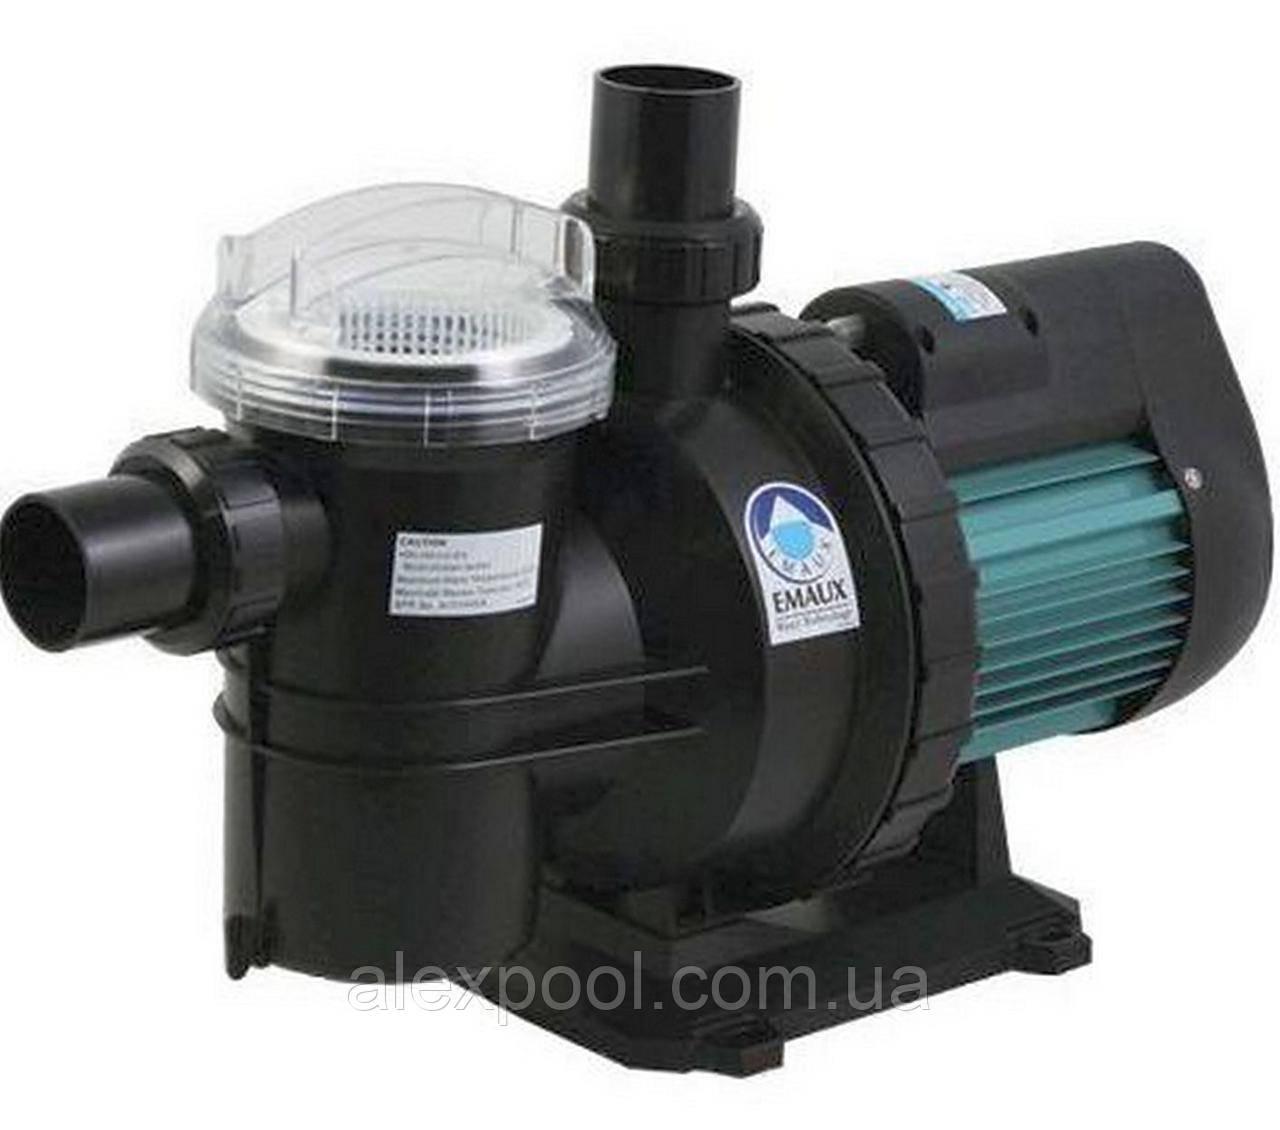 Насос для бассейнов Emaux SC075 (SC 075,13 м. куб/час, 0,75 кВт, 0,75 HP, 220В, до 35 м³)